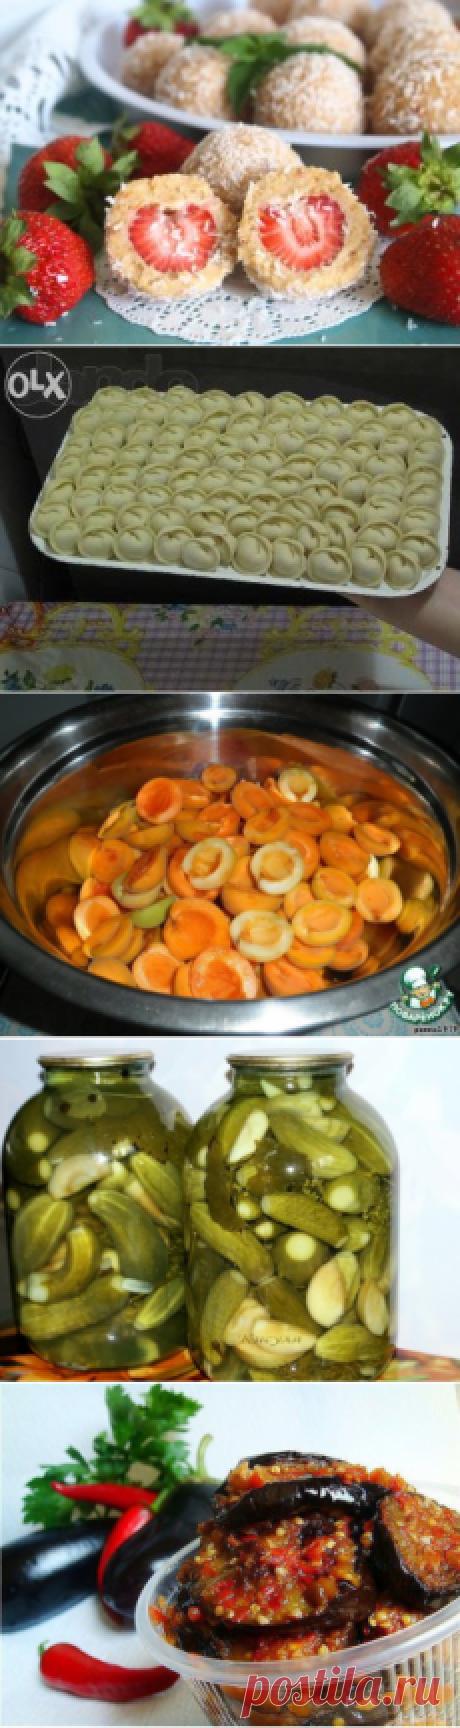 вкуснятина | Рецепты простой и вкусной еды на Постиле | Постила